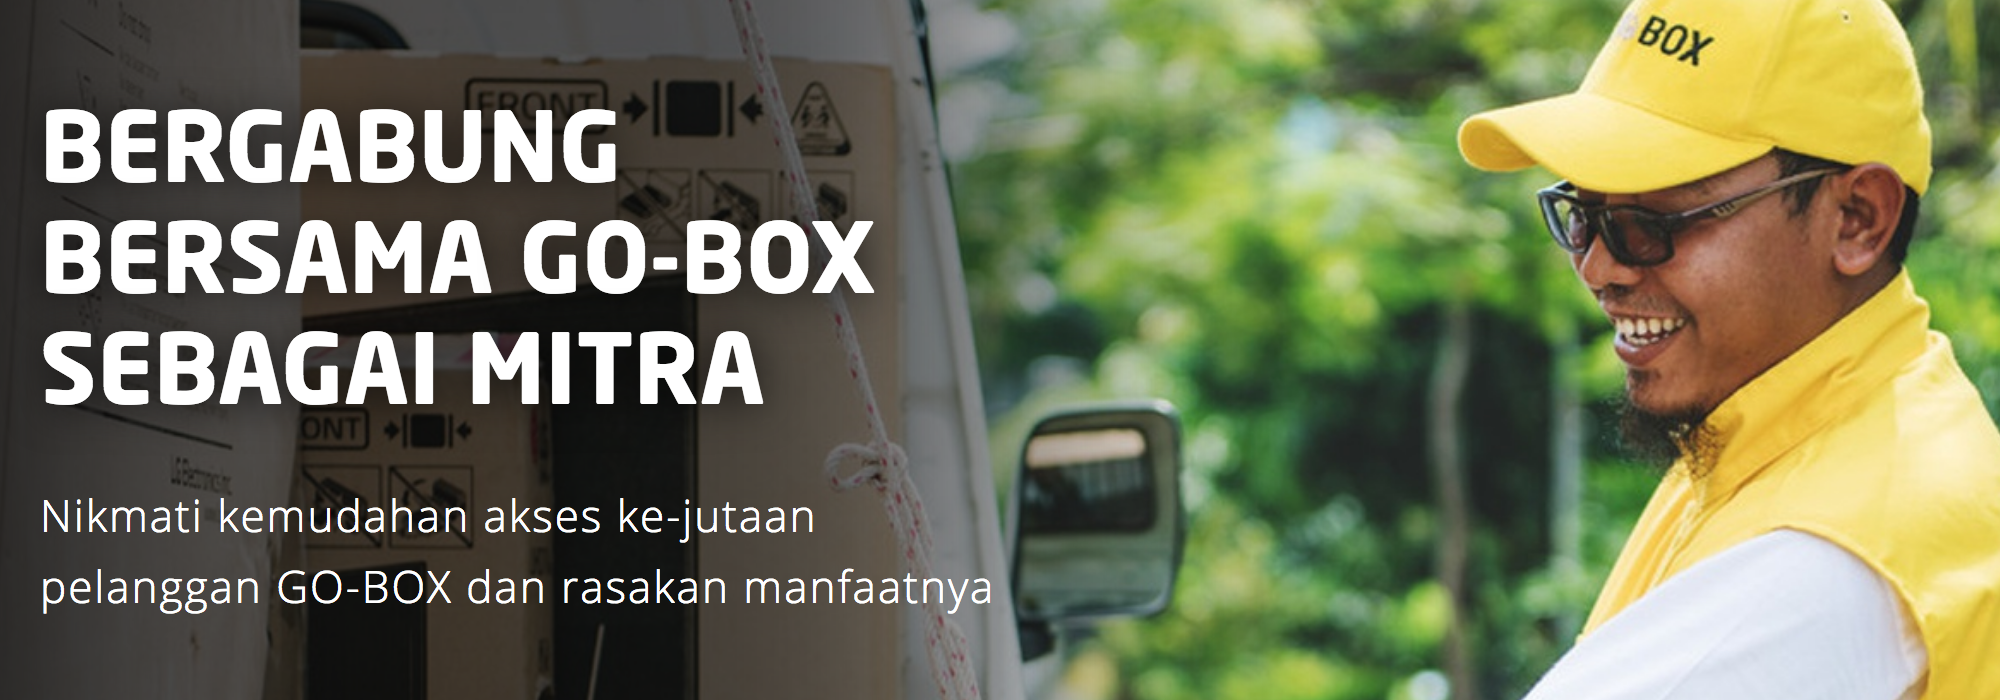 Cara Daftar GO-BOX Secara Online 2019